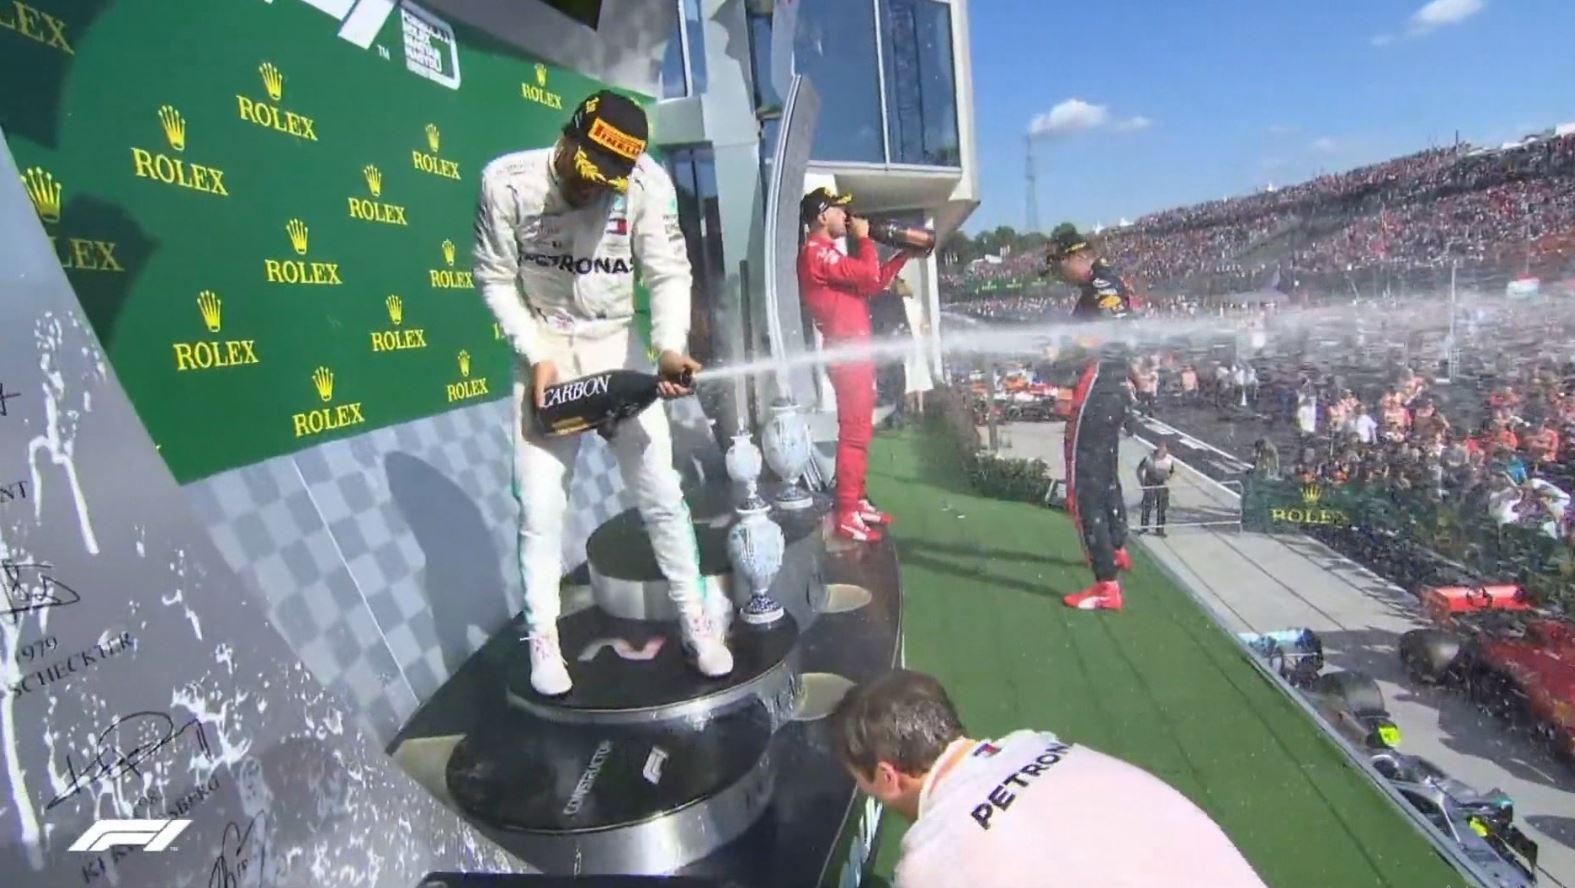 Luis Hemilton fiton Çmimin e Madh të Hungarisë në Formula 1